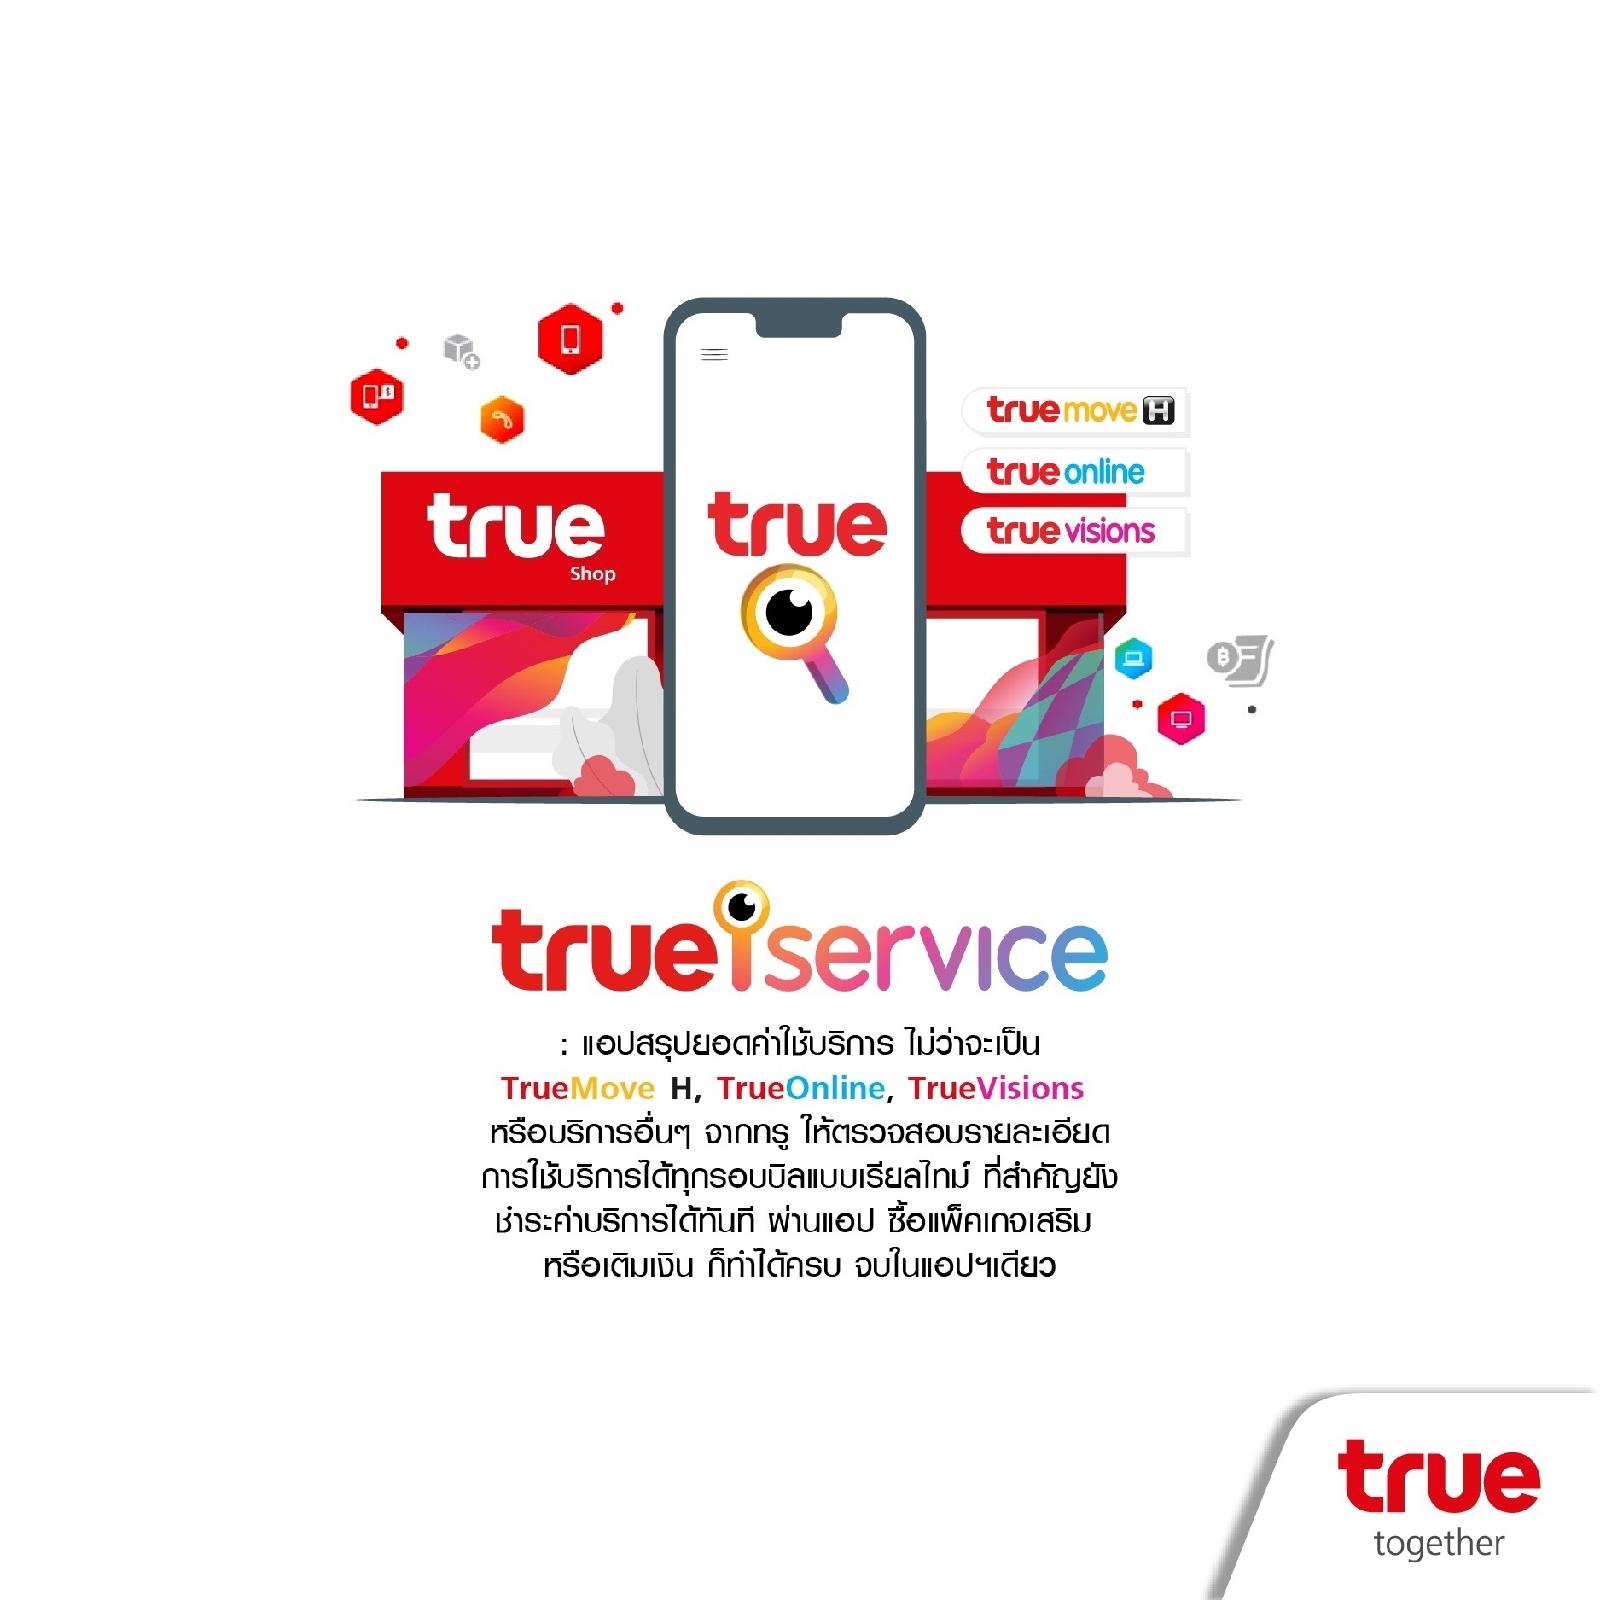 True iService เช็คยอด จ่ายบิล เติมเงิน ซื้อแพ็กเกจเสริม ทำได้ง่ายๆในมือถือ ครบ จบ ลงตัว เหมือนอยู่ทรูช็อป สะดวก สบาย ไม่ต้องรอ